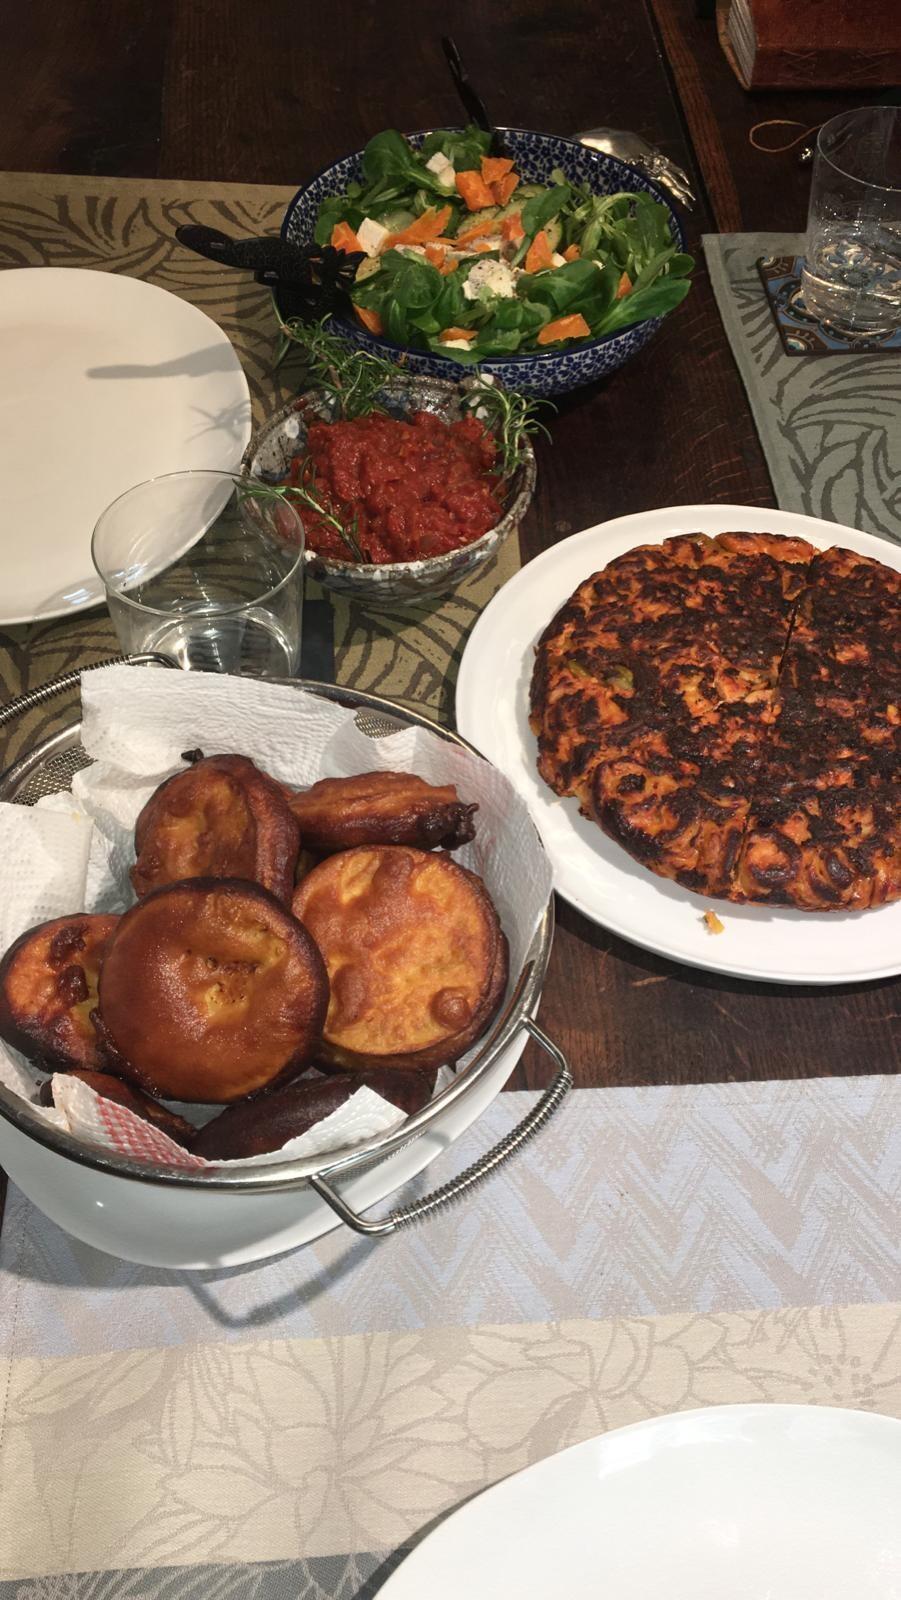 Fritata, berenjenas rebozadas y ensalada con vinagreta especial. Cocina improvisada del Nathan. París, marzo de confinamiento, 2020.